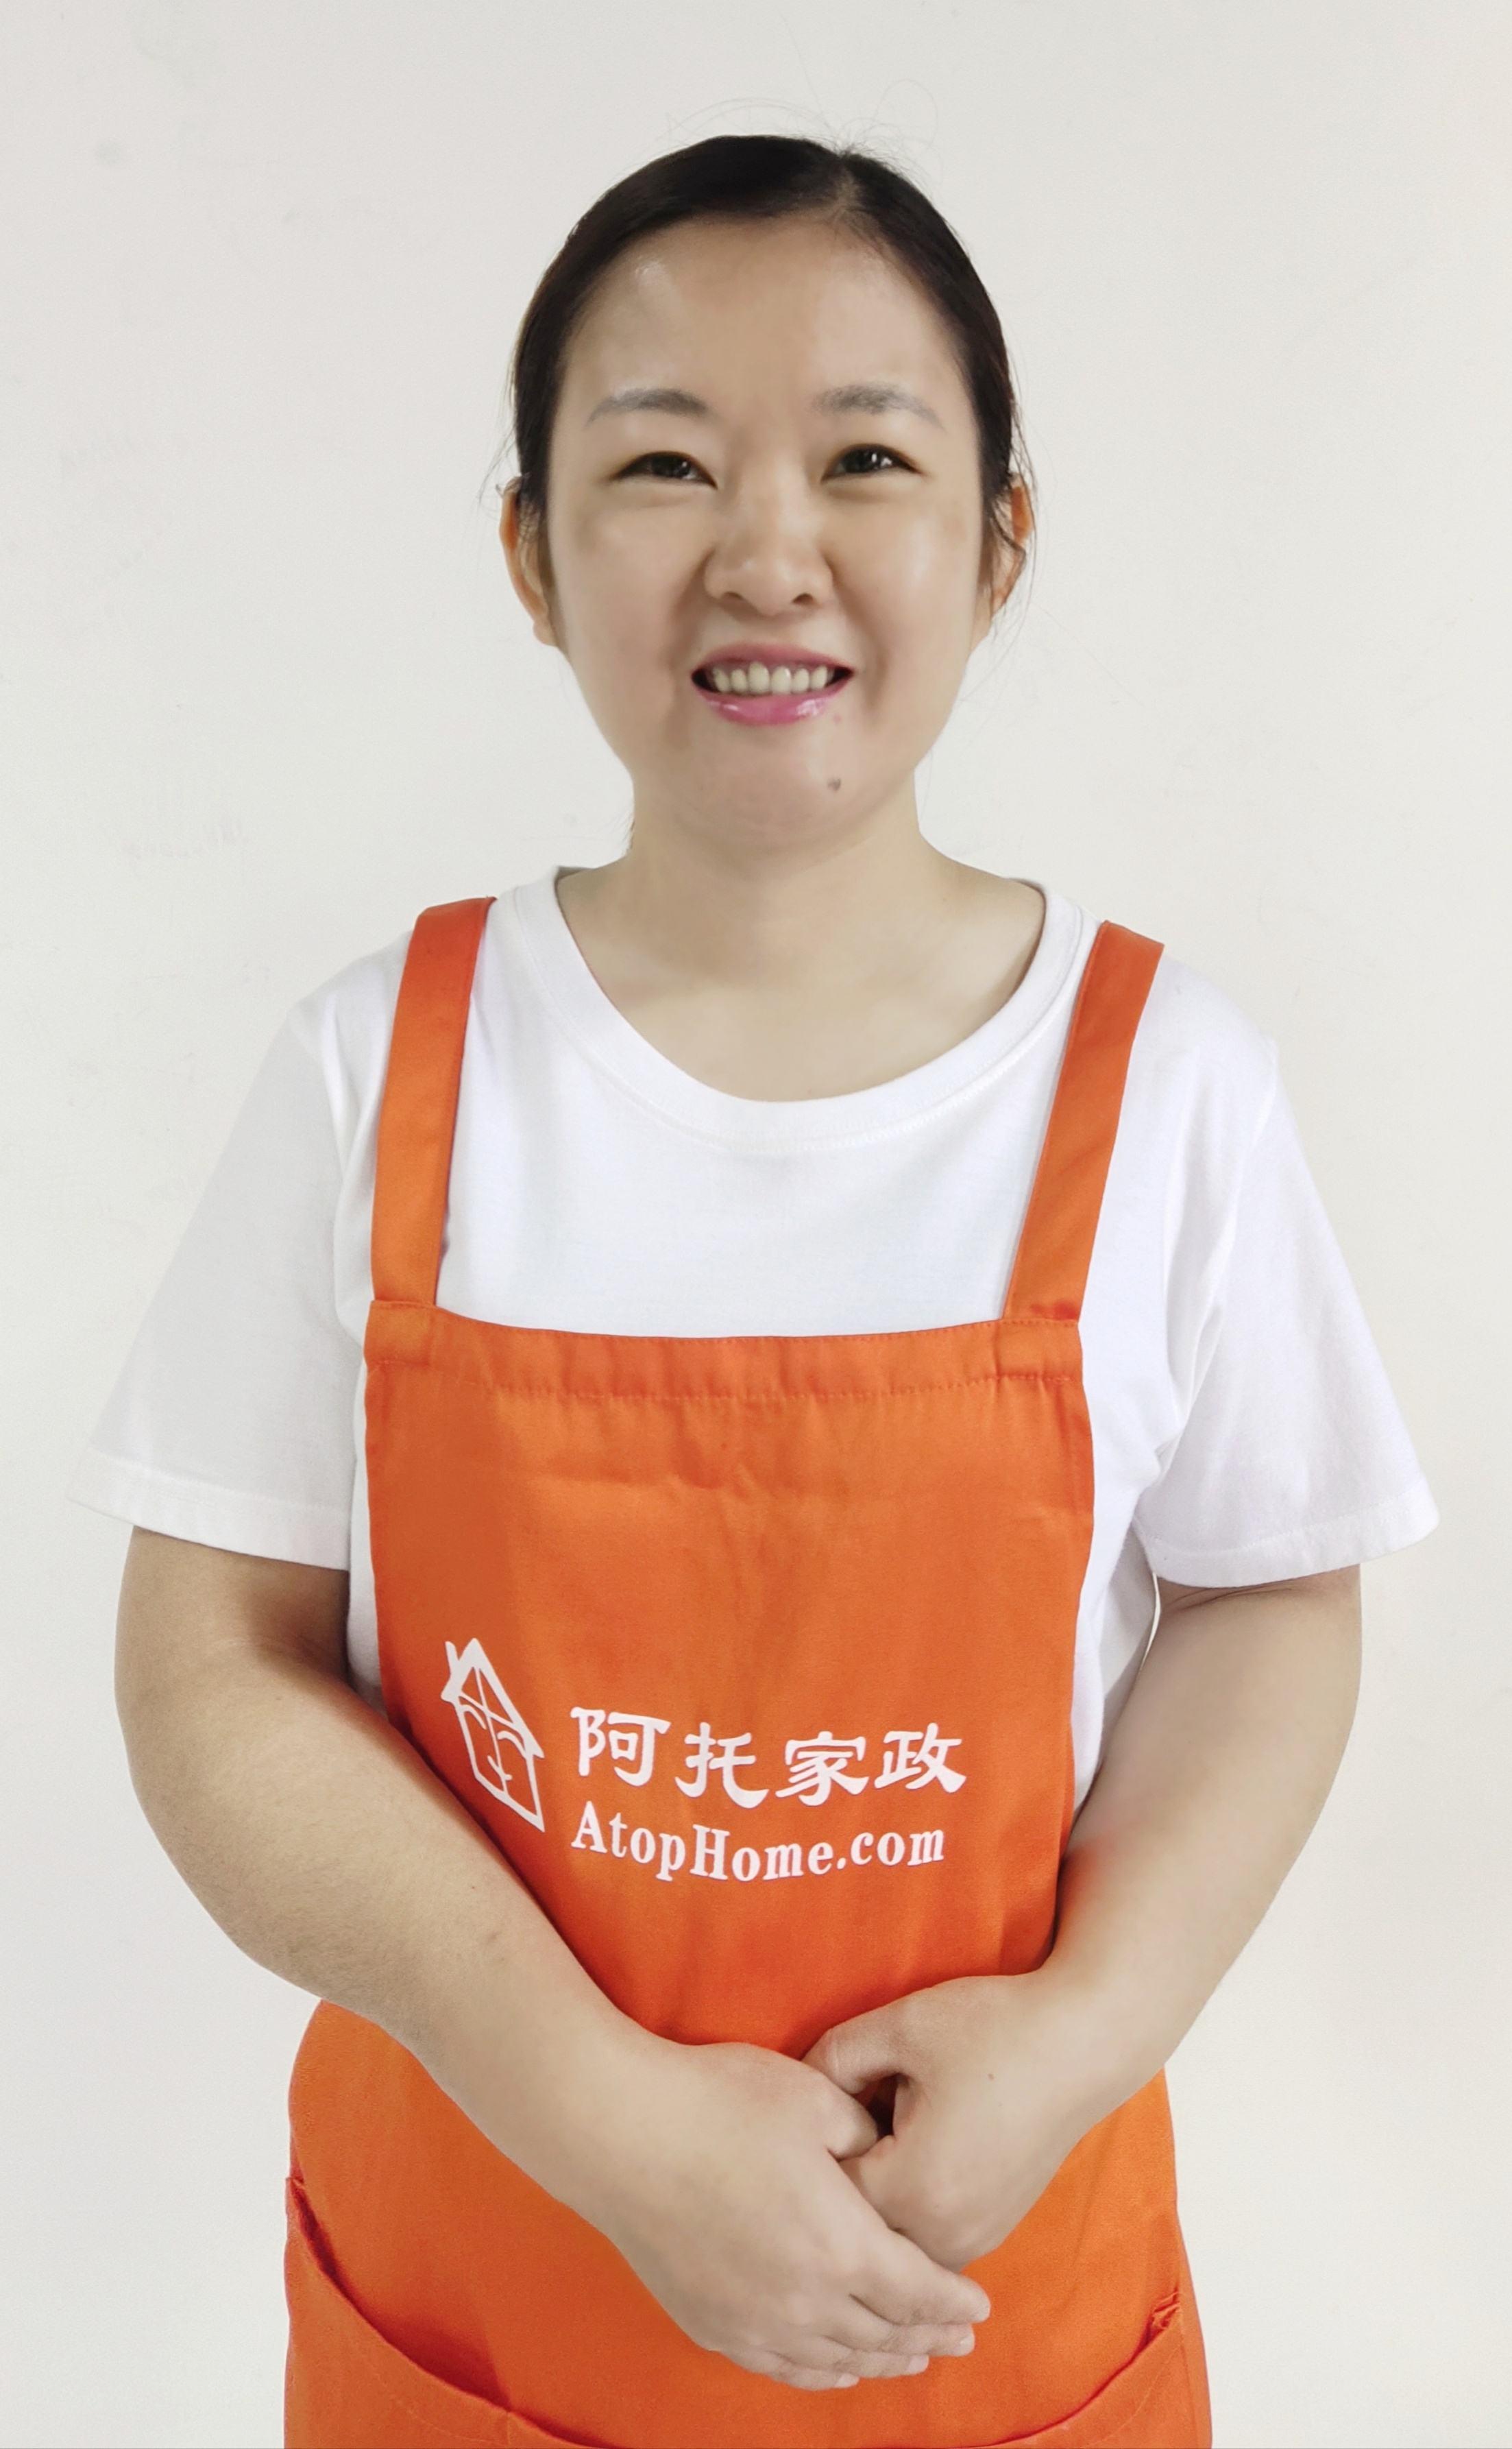 广州专业找人